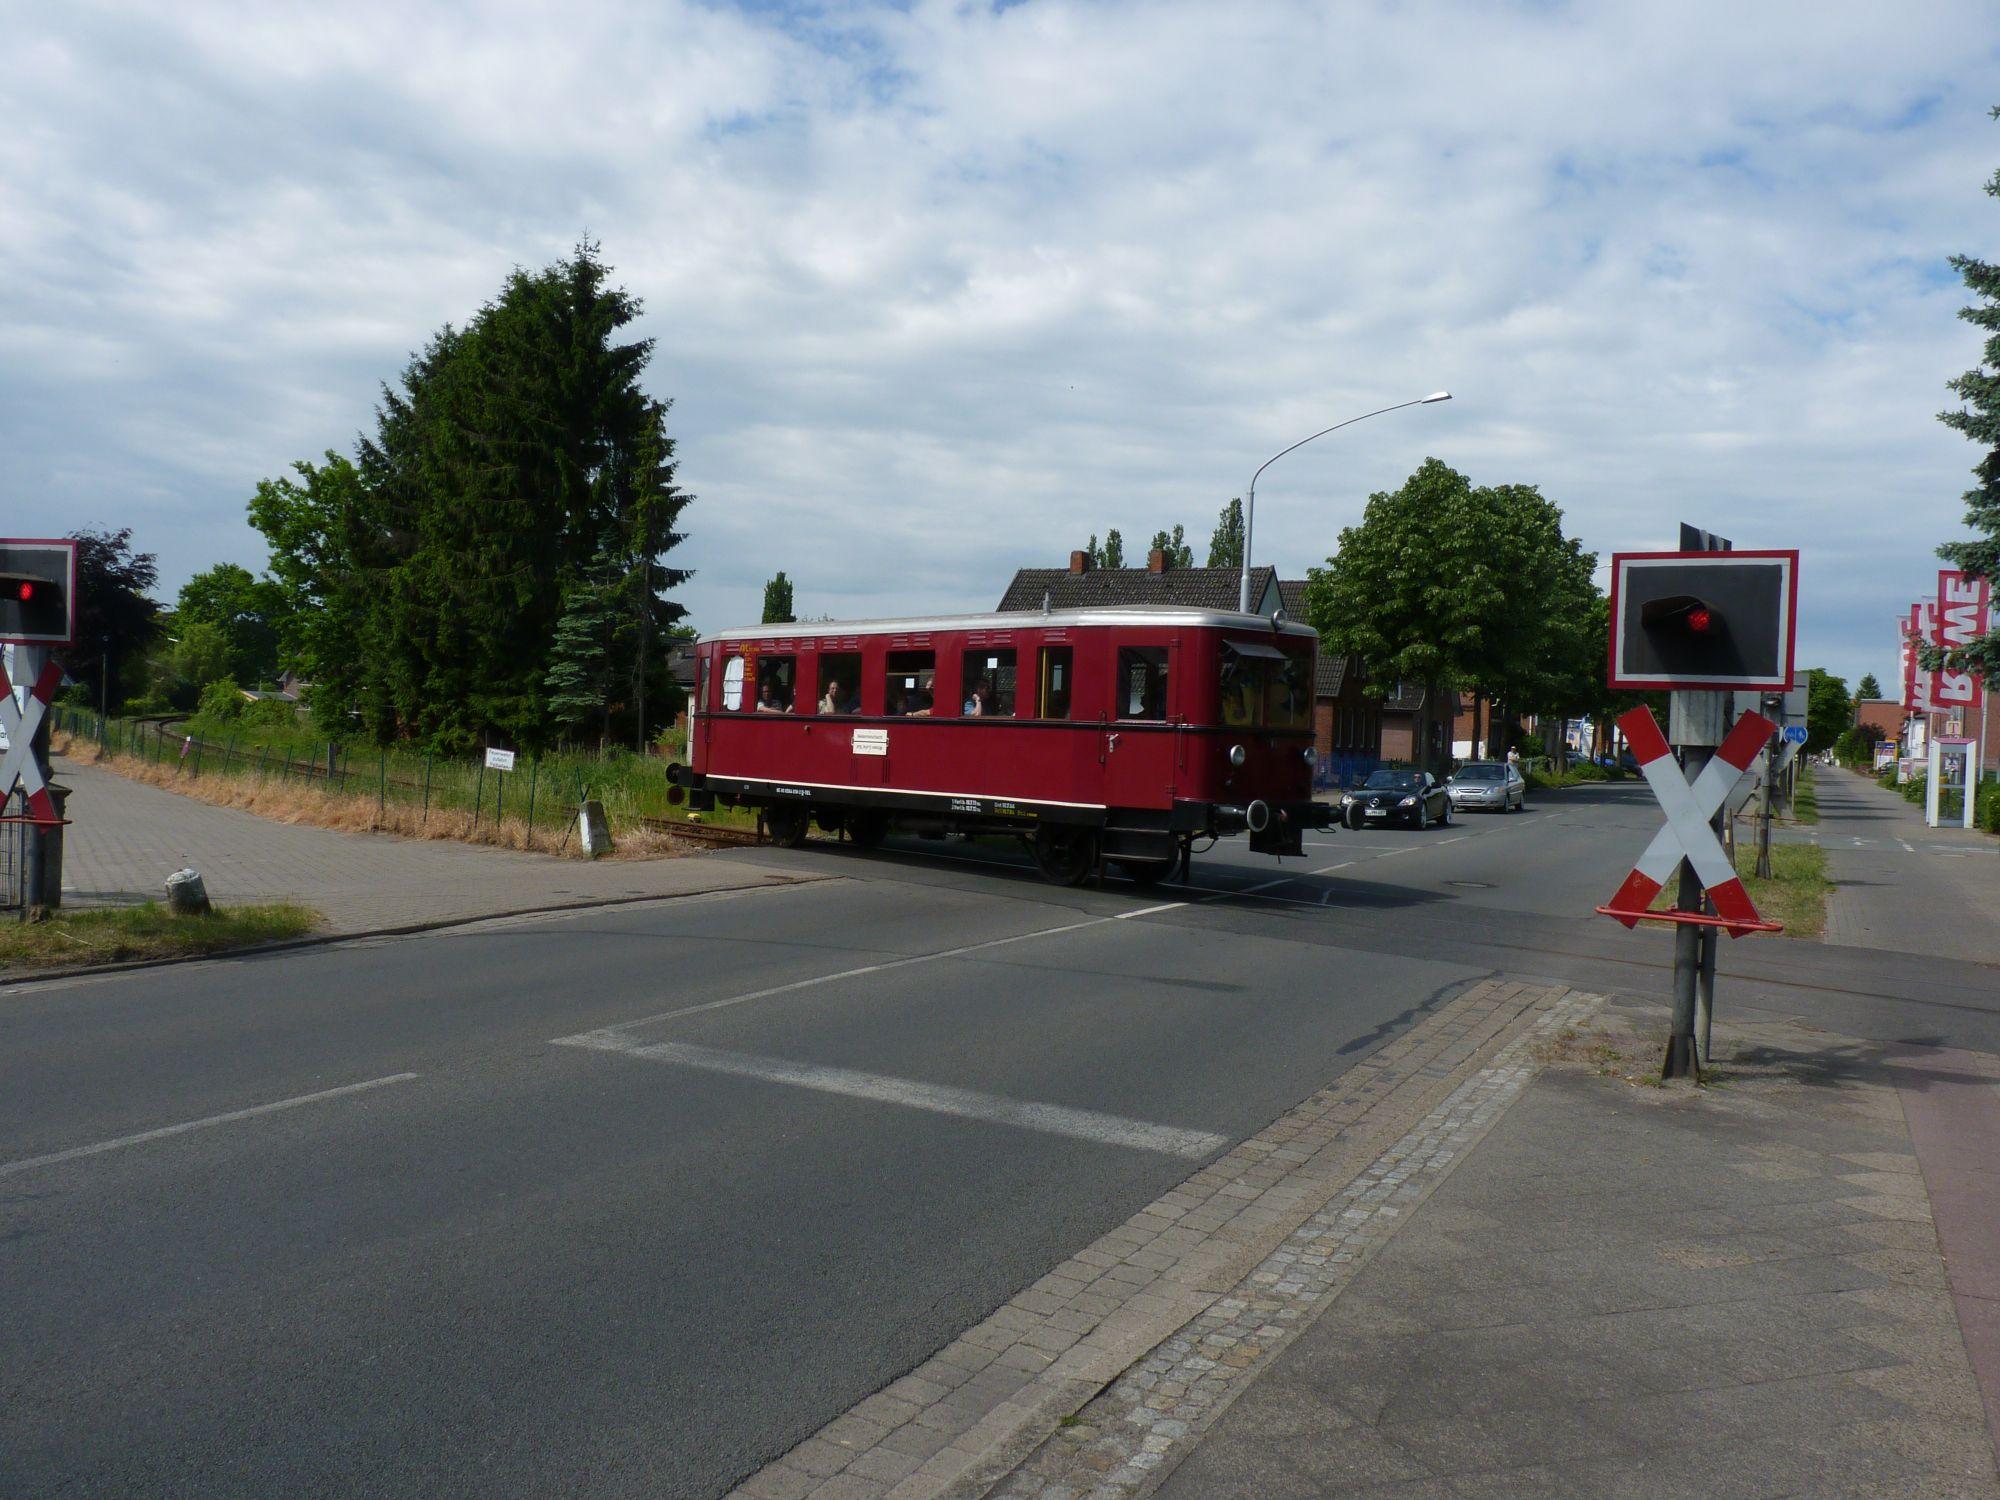 avlelbmarschbahn002